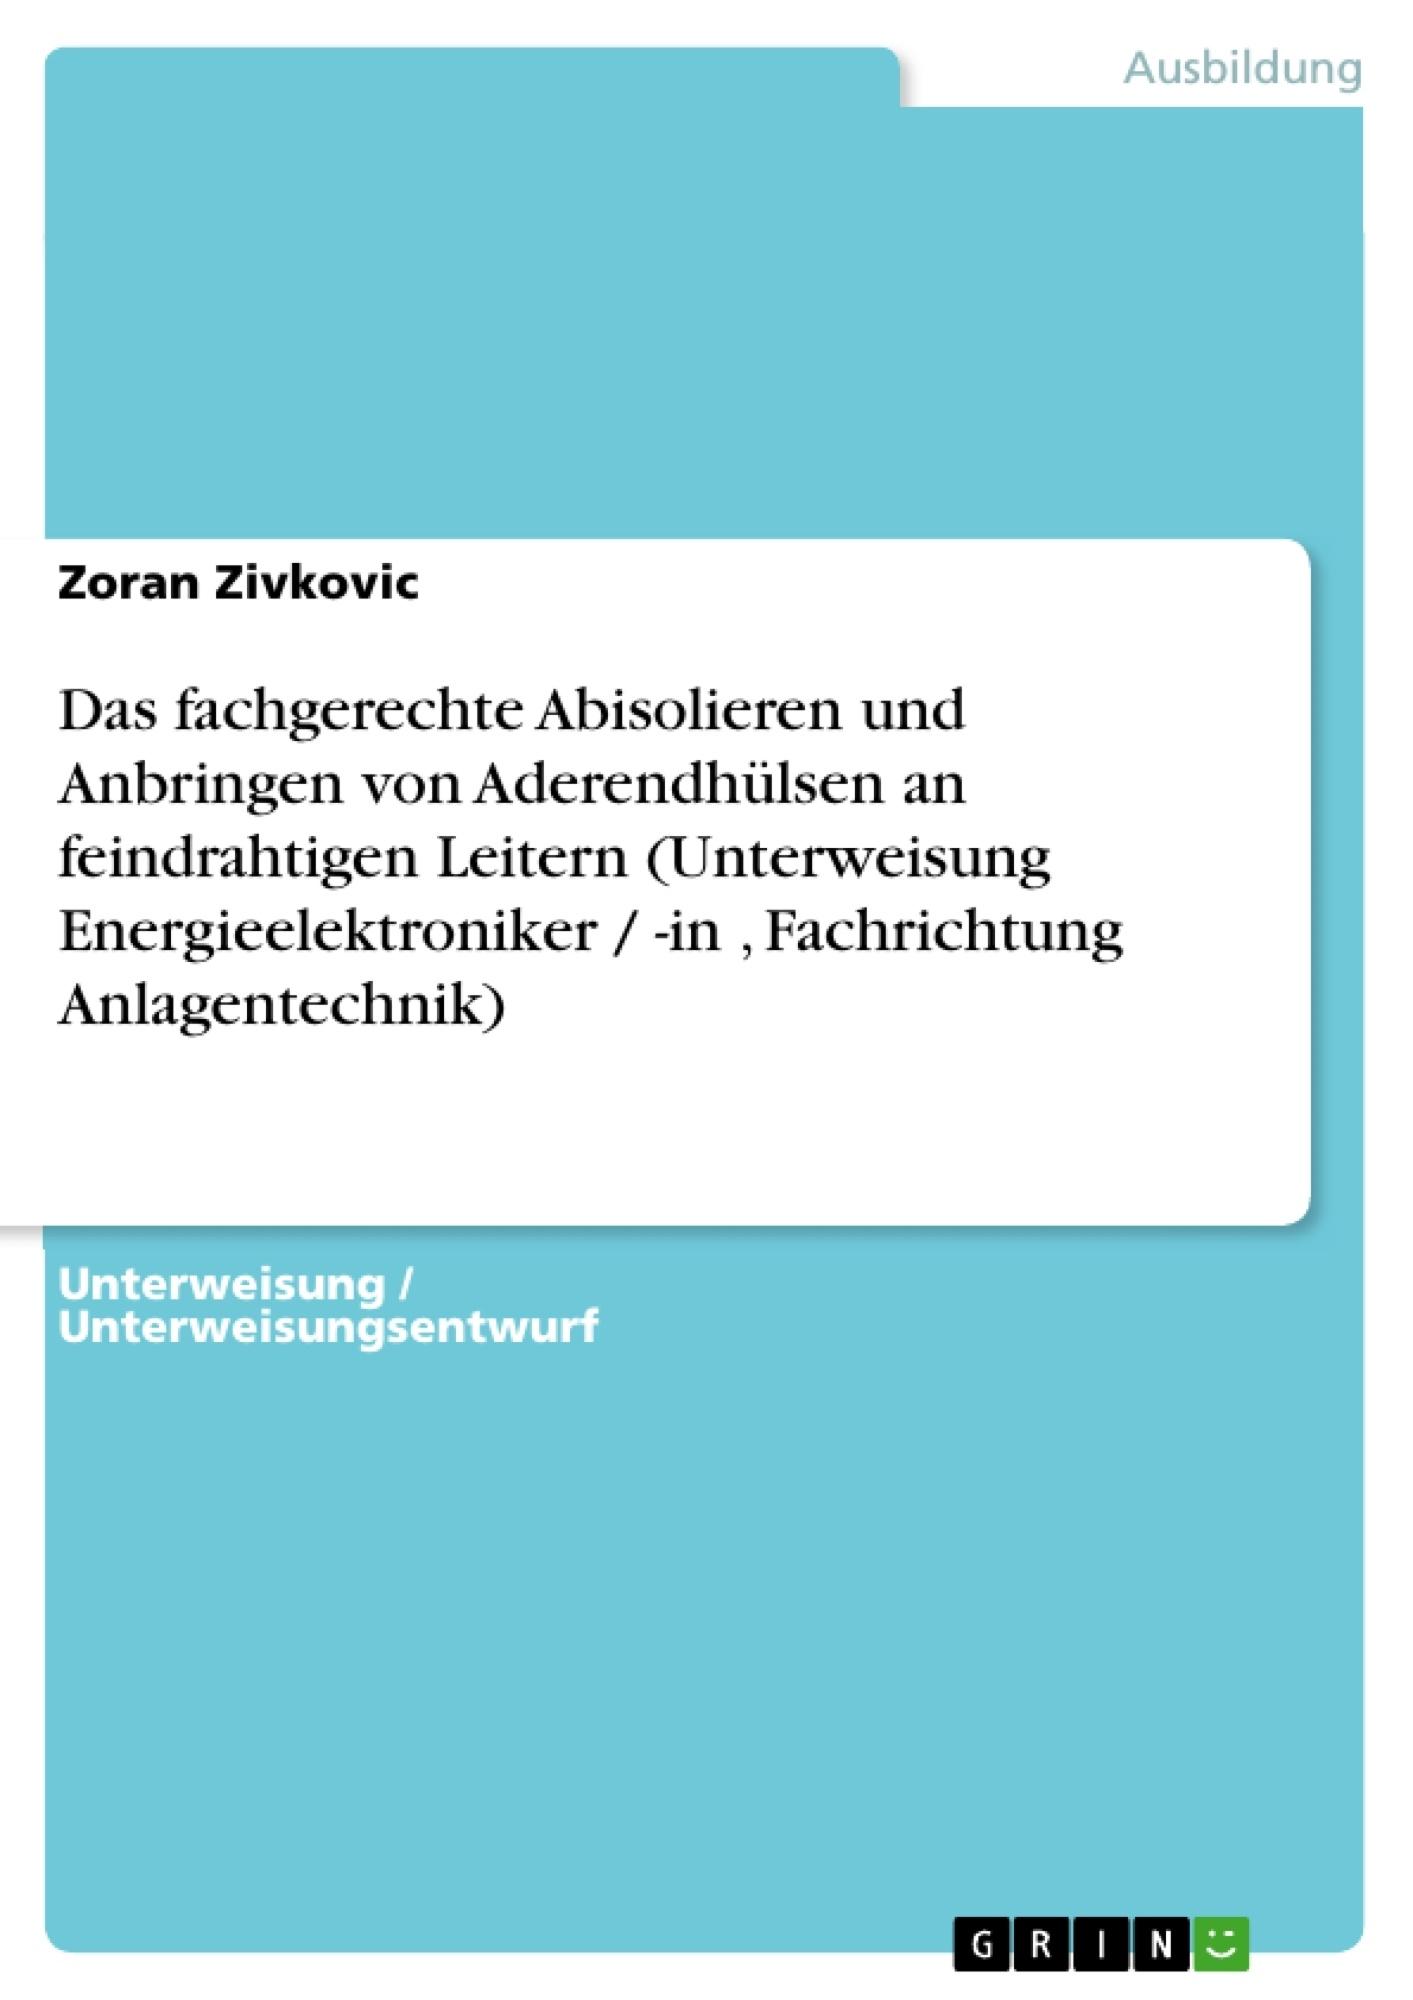 Titel: Das fachgerechte Abisolieren und Anbringen von Aderendhülsen an feindrahtigen Leitern (Unterweisung Energieelektroniker / -in , Fachrichtung Anlagentechnik)